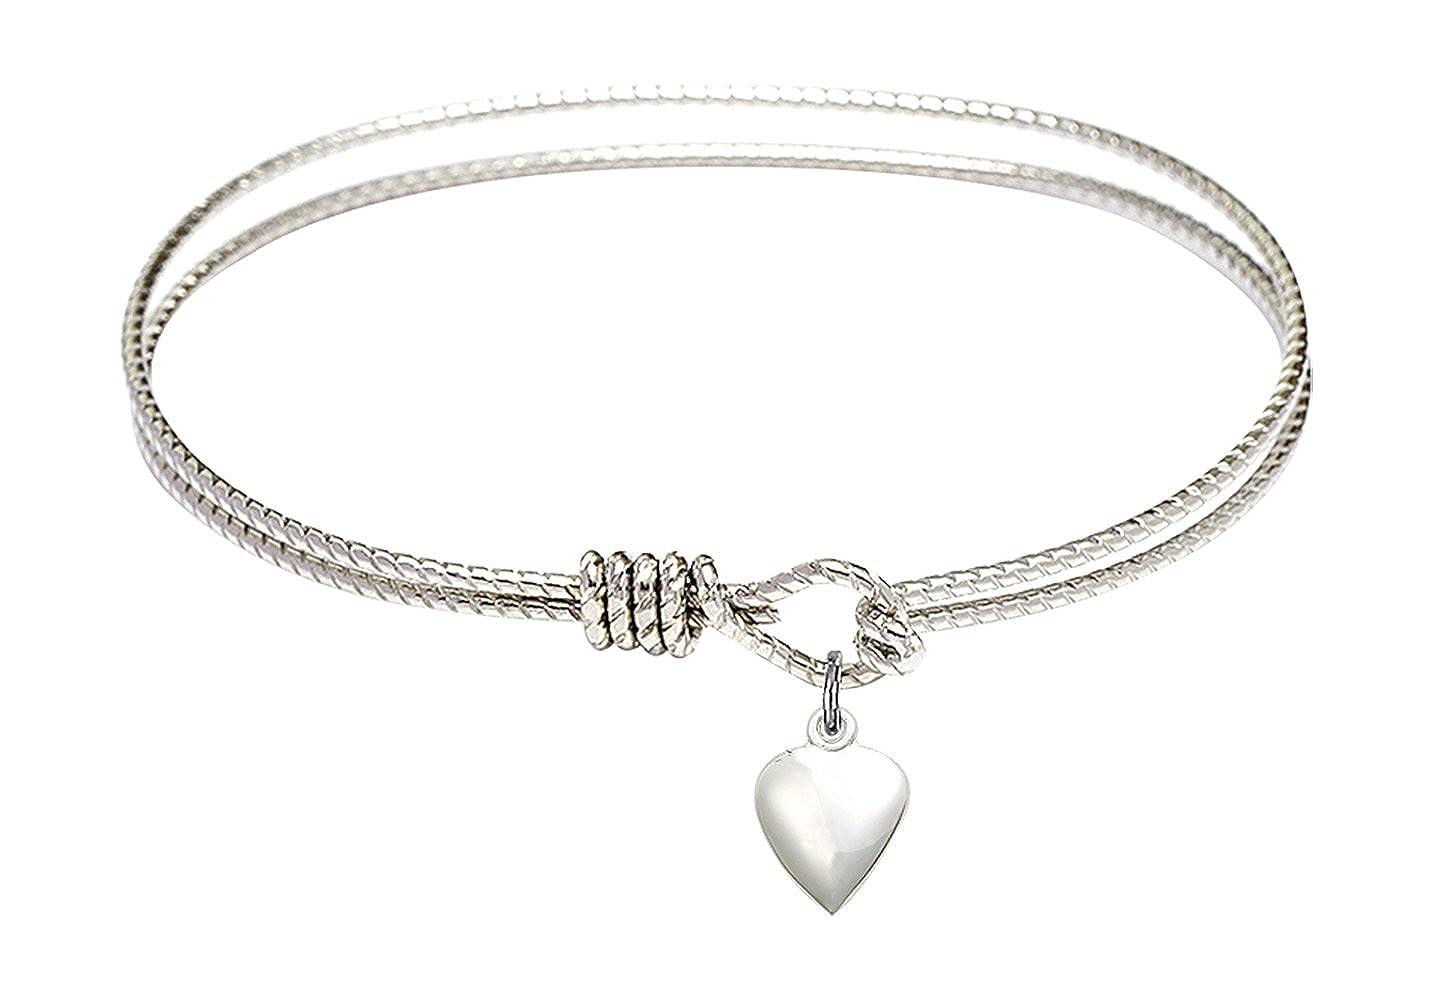 Bonyak Jewelry Oval Eye Hook Bangle Bracelet w//Heart in Sterling Silver